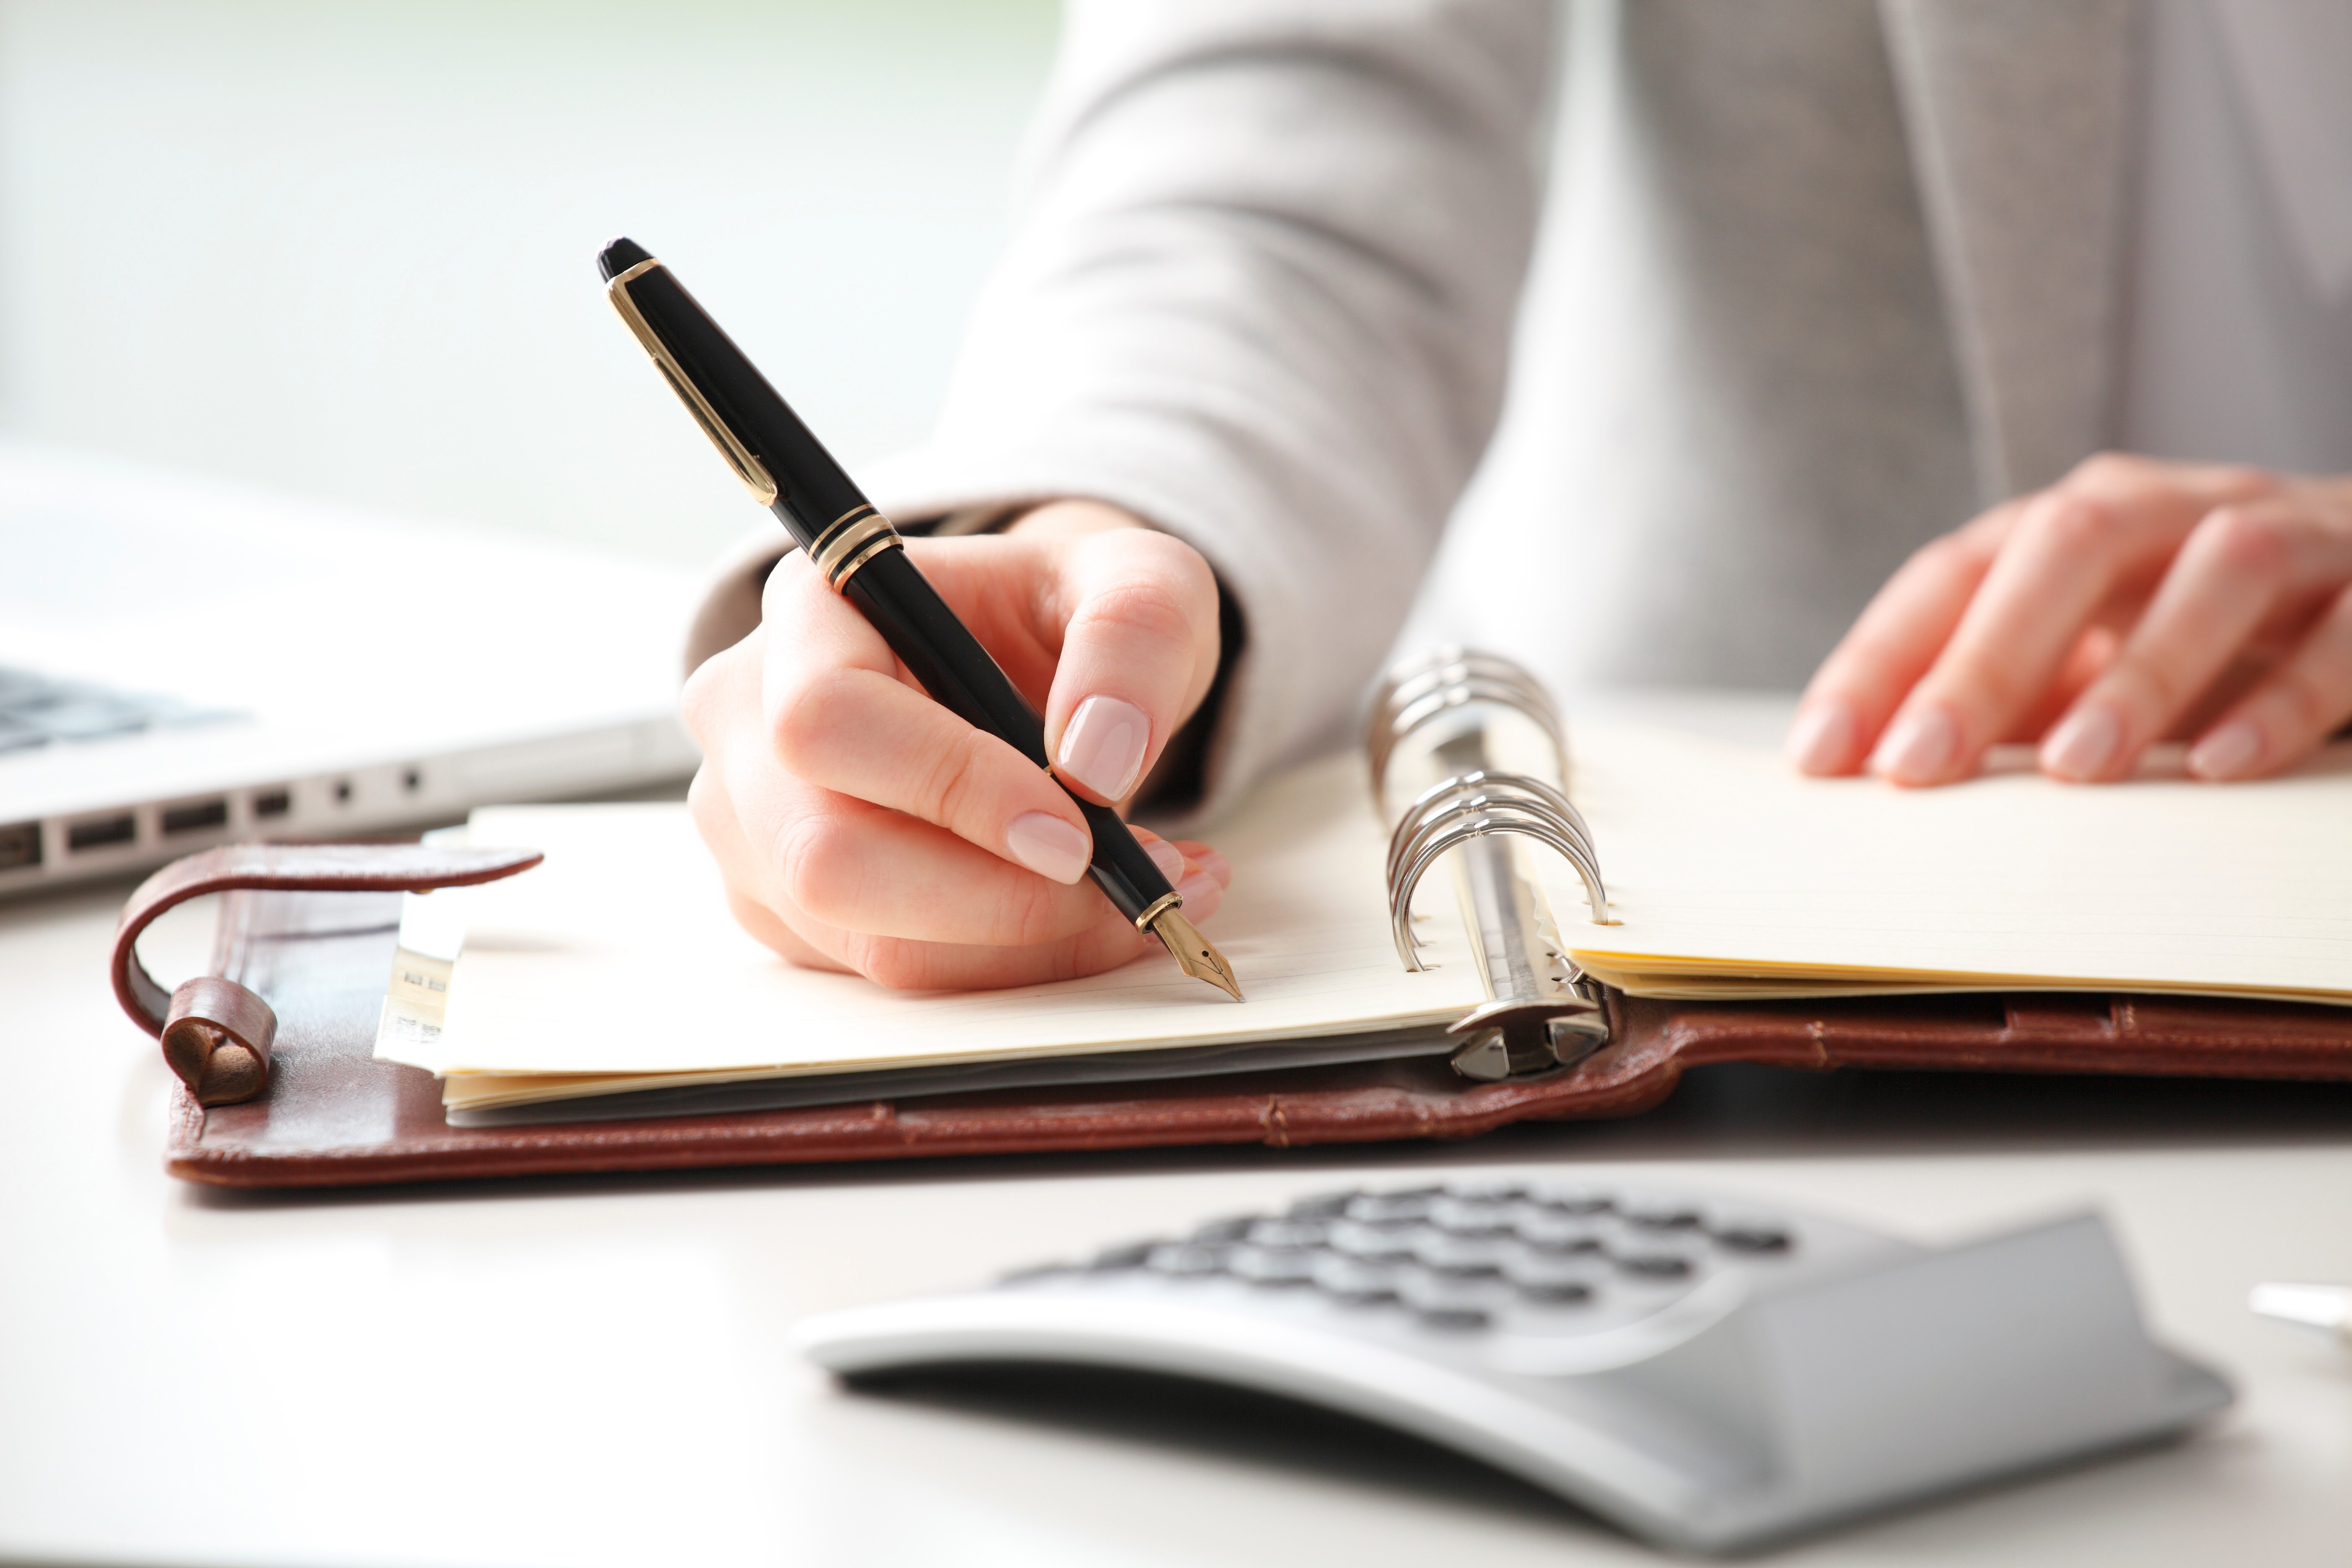 Monitoraggio della contabilità dei costi: con che frequenza?